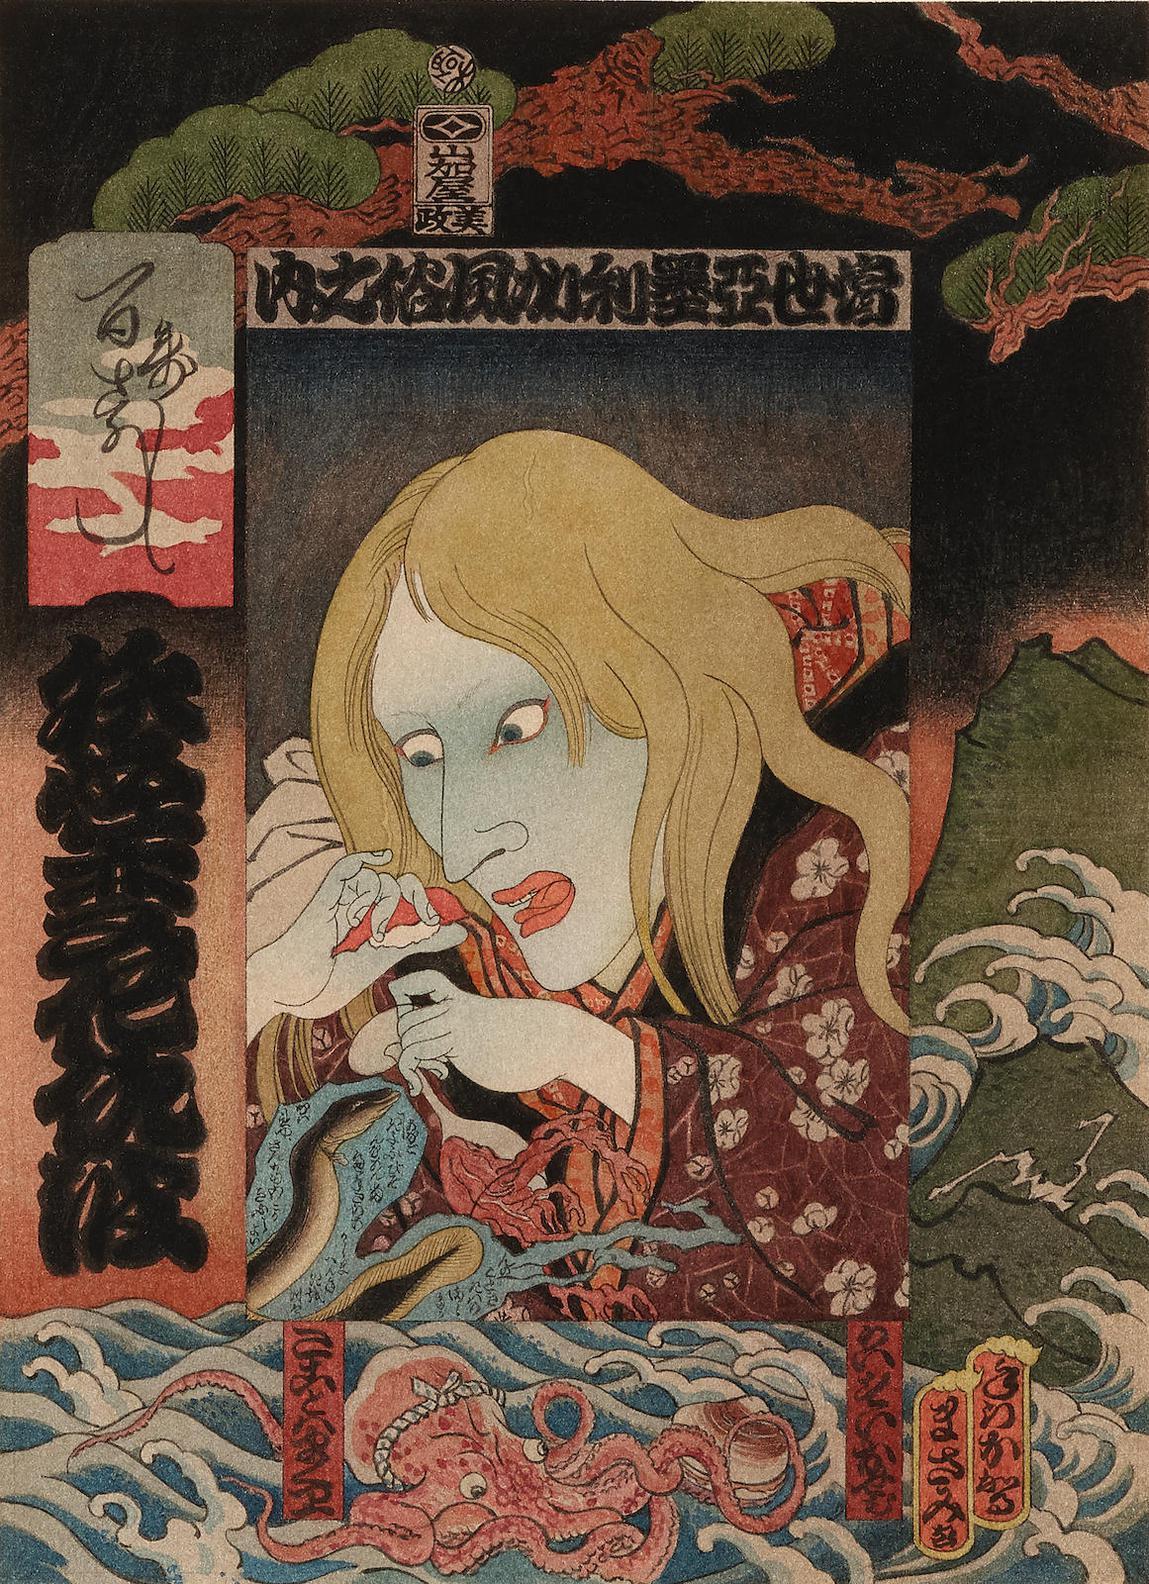 Masami Teraoka-Los Angeles Sushi Ghost Tales/Woman/Anago And Tako-1980